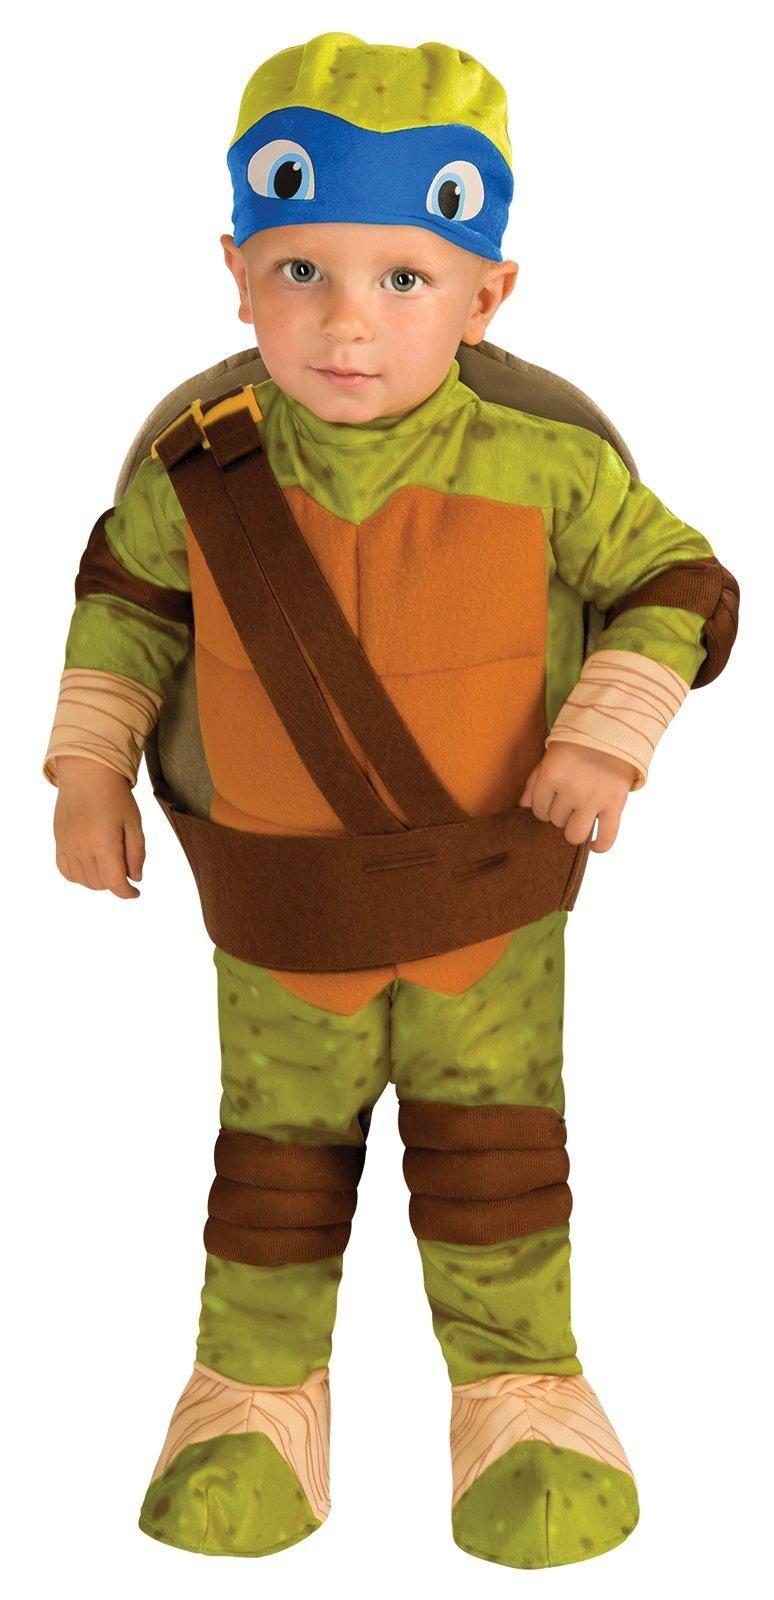 Teenage Mutant Ninja Turtle - Leonardo Toddler Costume from Buycostumes.com  sc 1 st  Pinterest & Leonardo Toddler Ninja Turtles Costume   Pinterest   Ninja turtle ...